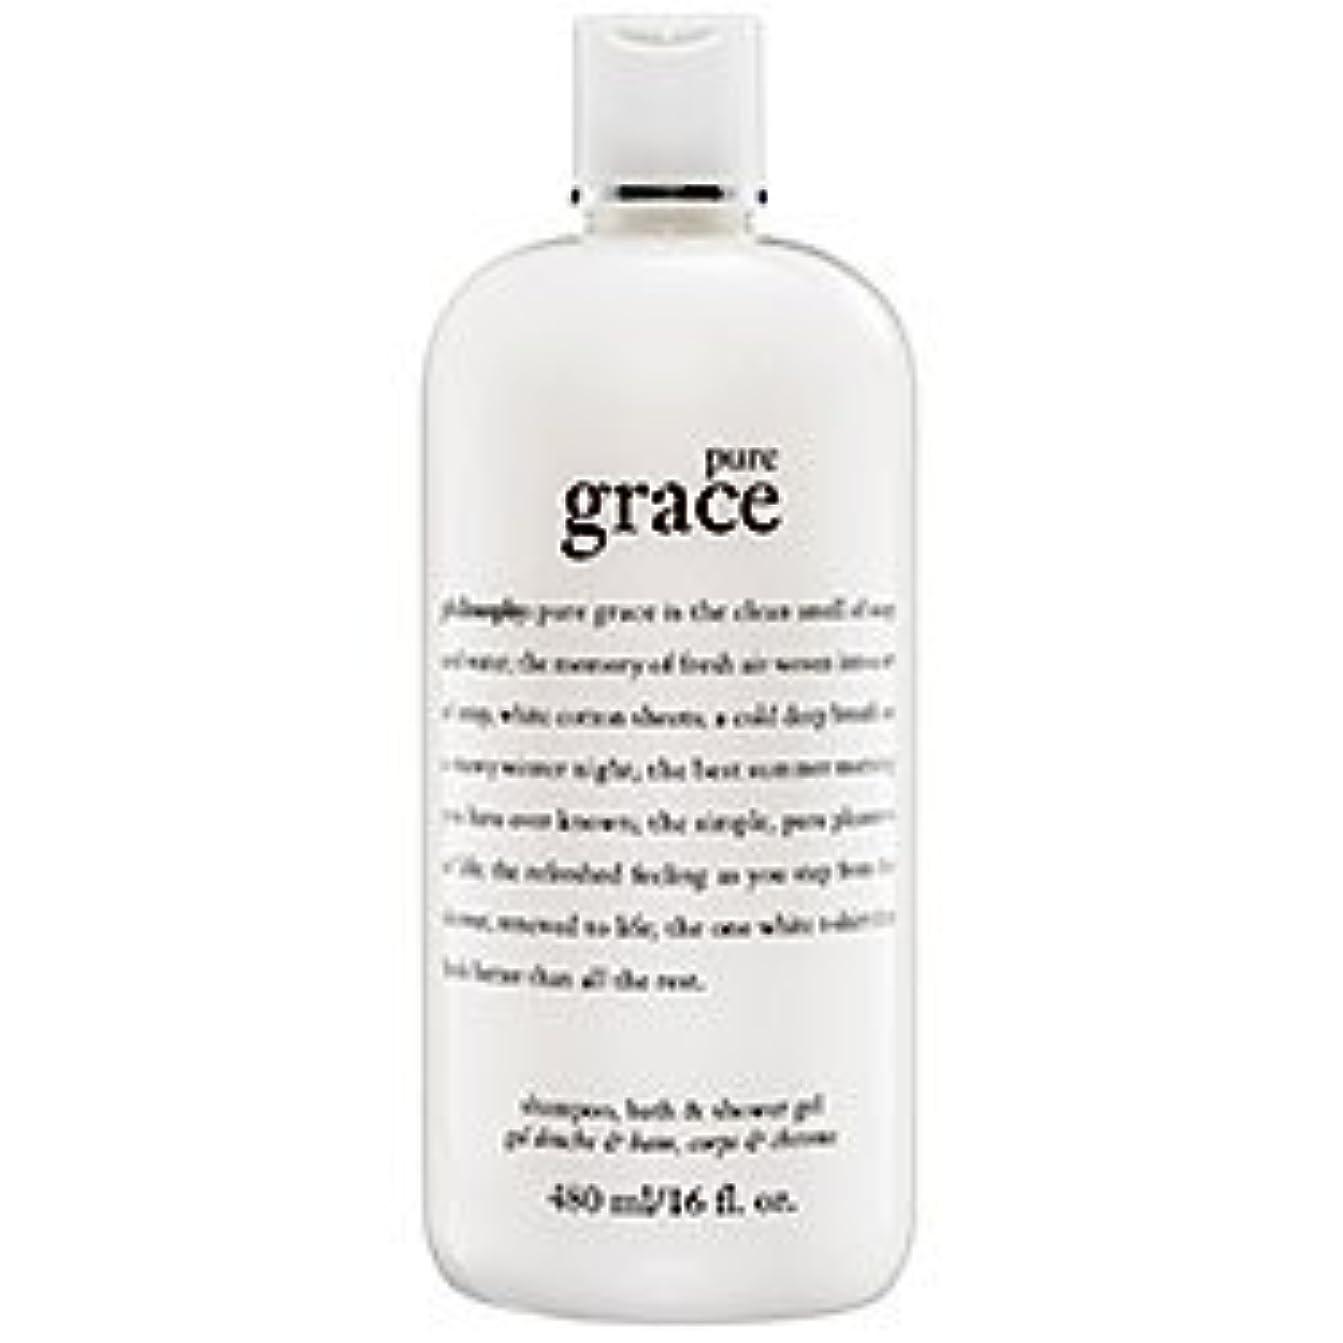 軽蔑主蛇行pure grace (ピュアグレイス ) 16.0 oz (480ml) foaming bath and shower gel for Women